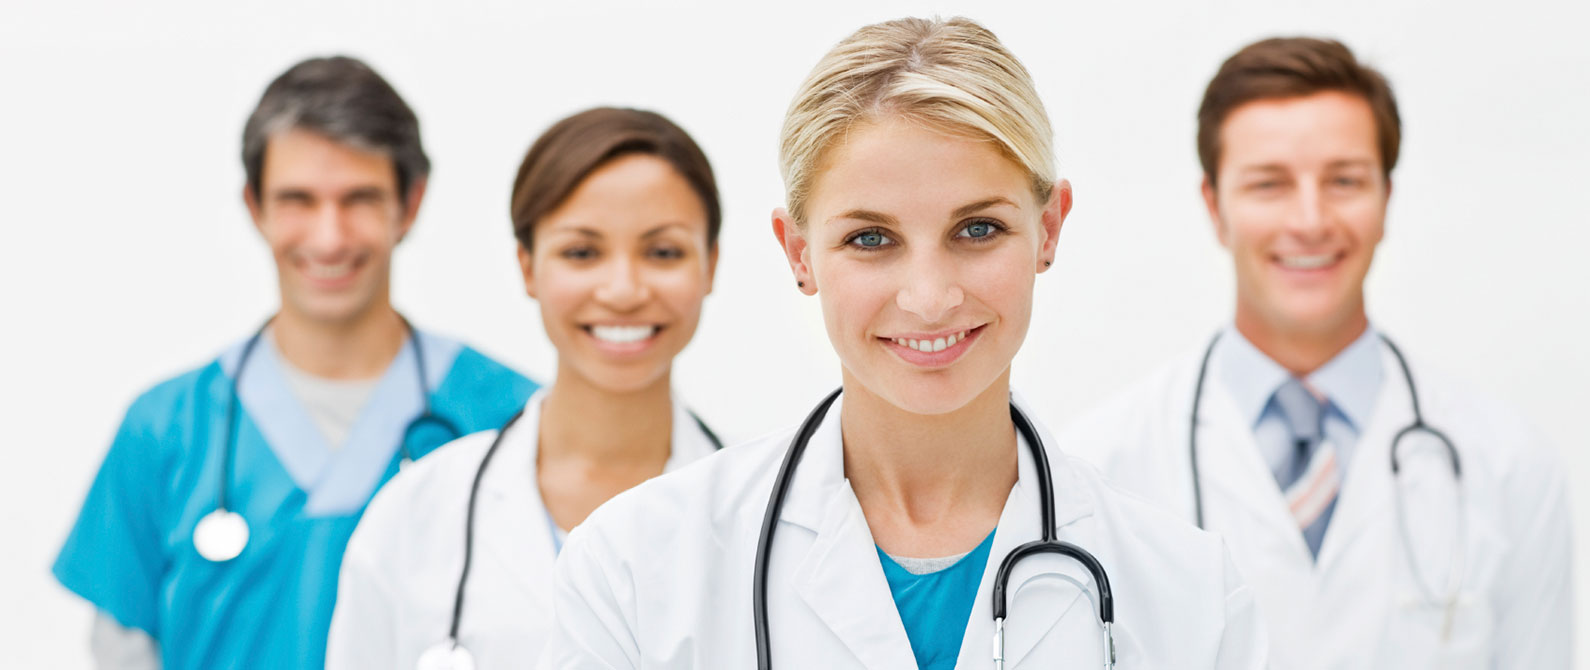 Dịch thuật chuyên ngành y tế dược phẩm uy tín, giá rẻ